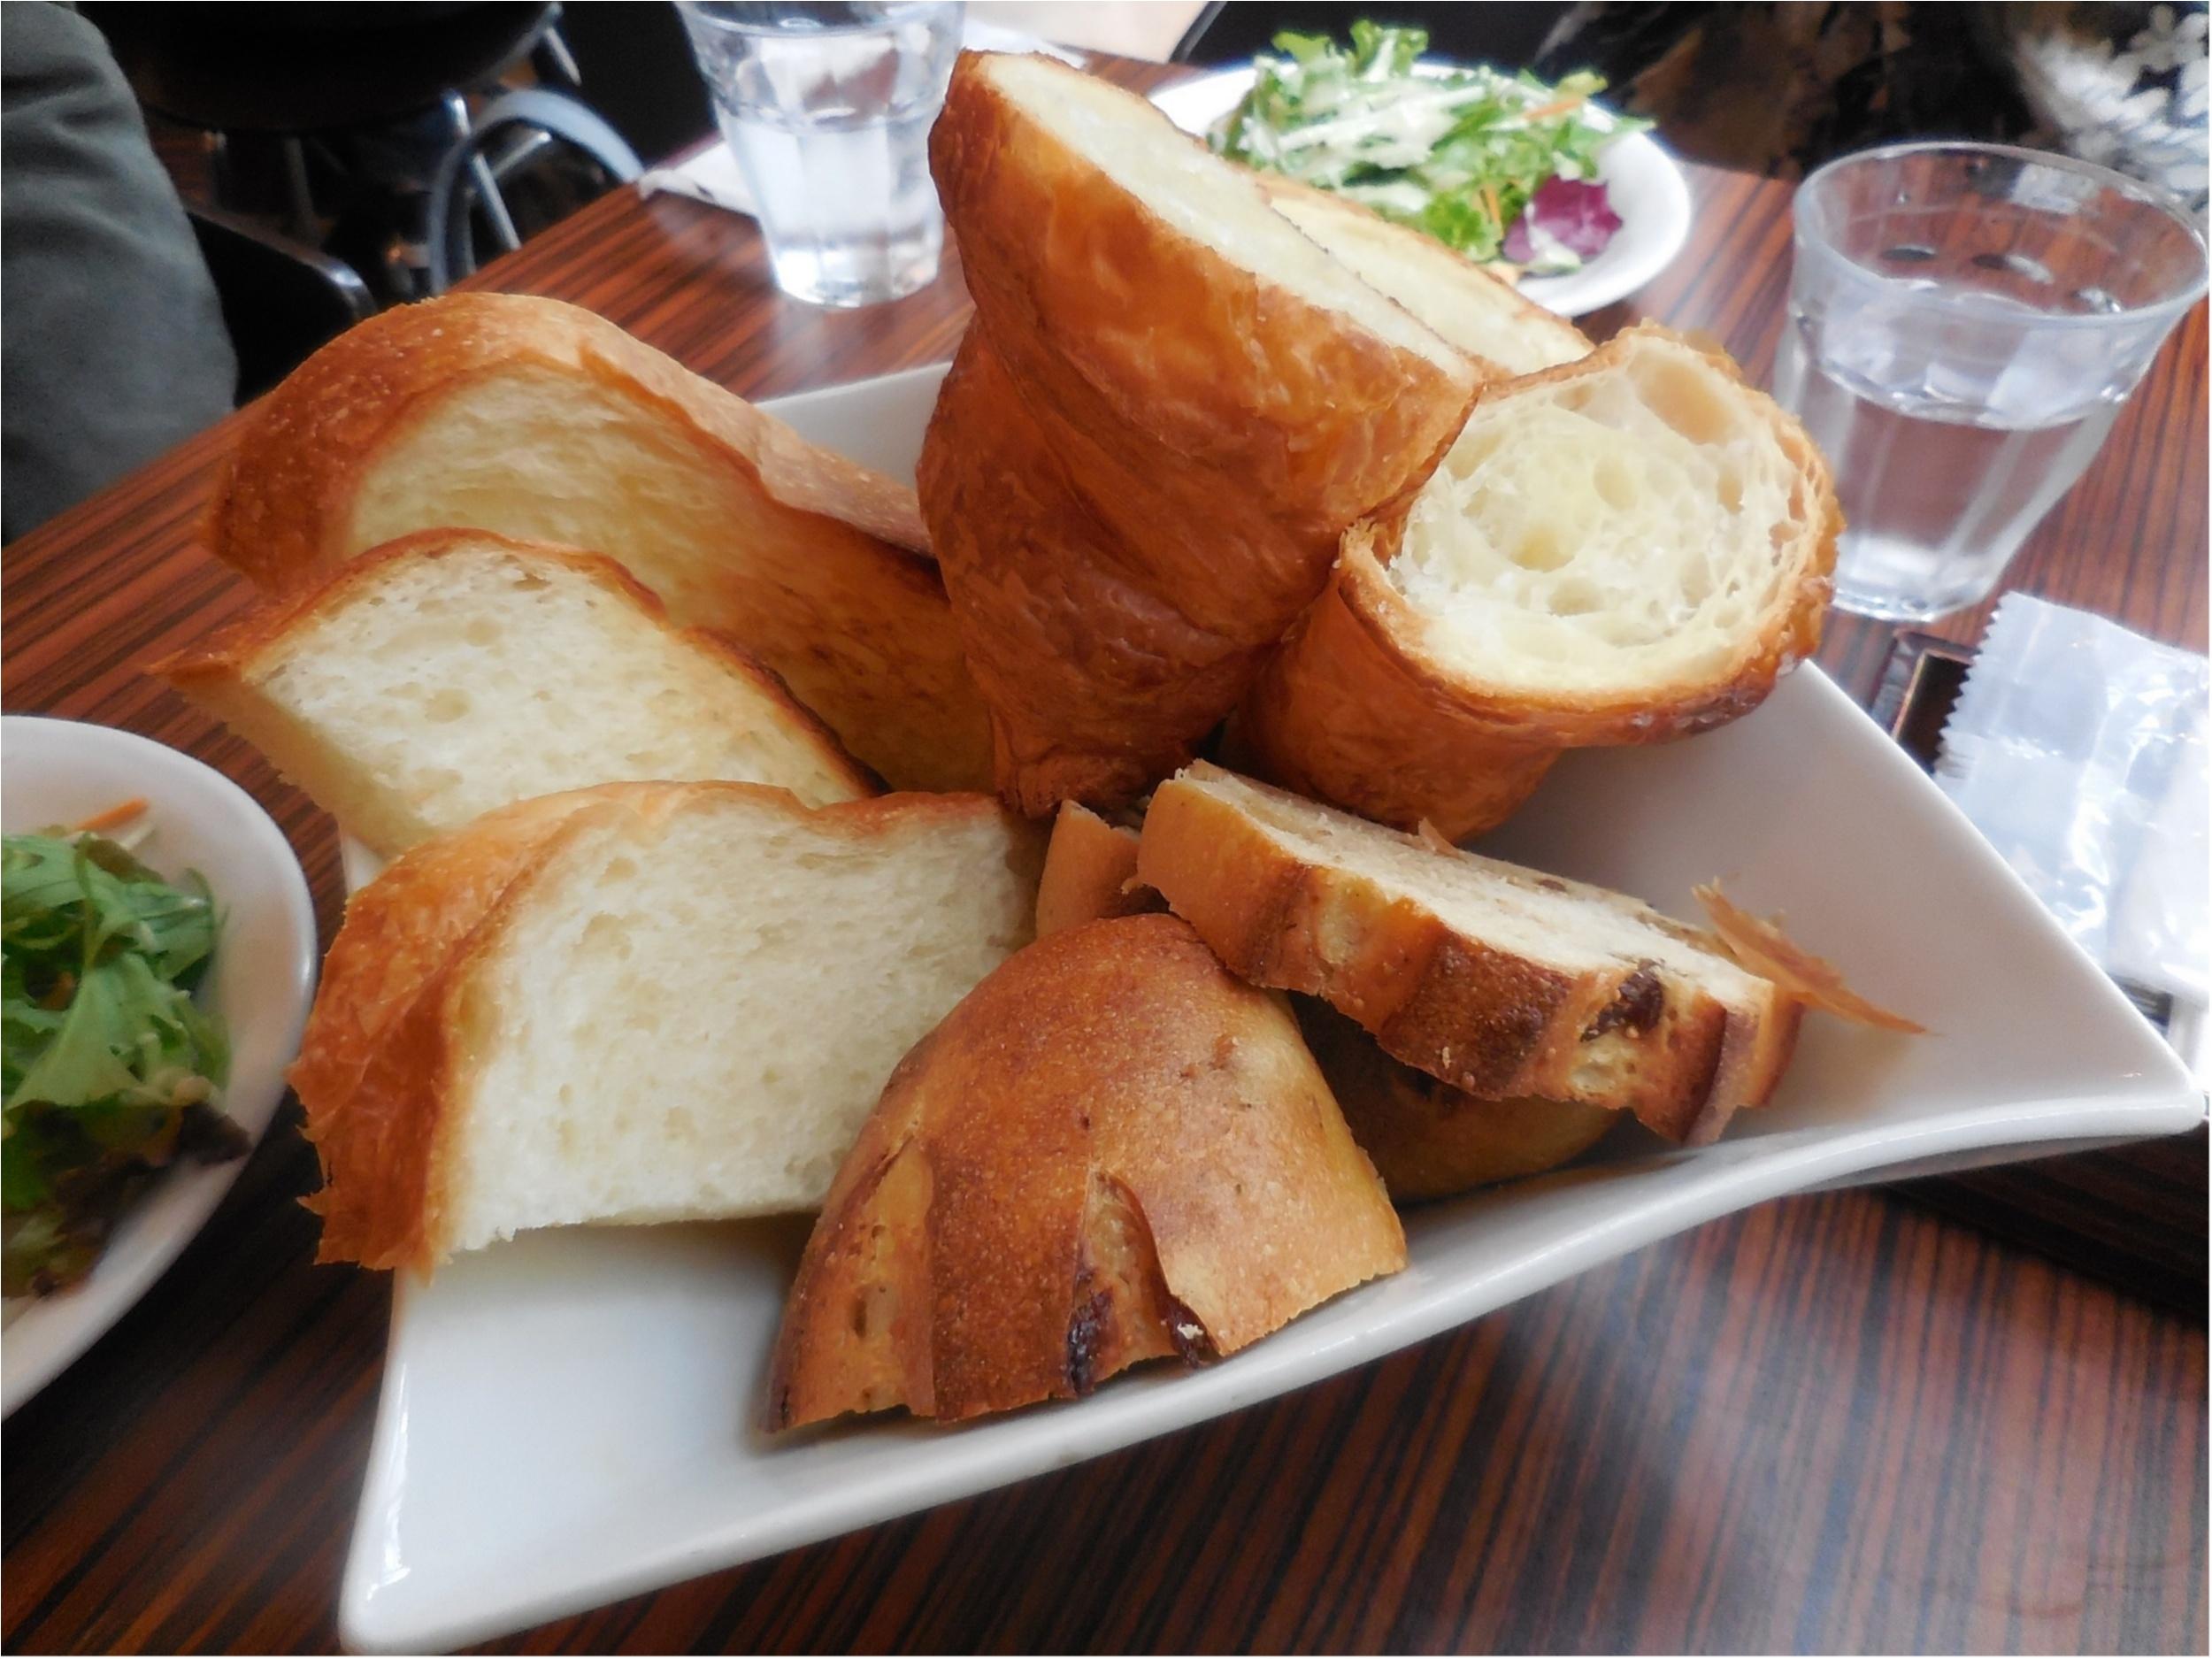 メゾンカイザー カフェ 食べ放題 ランチ パン